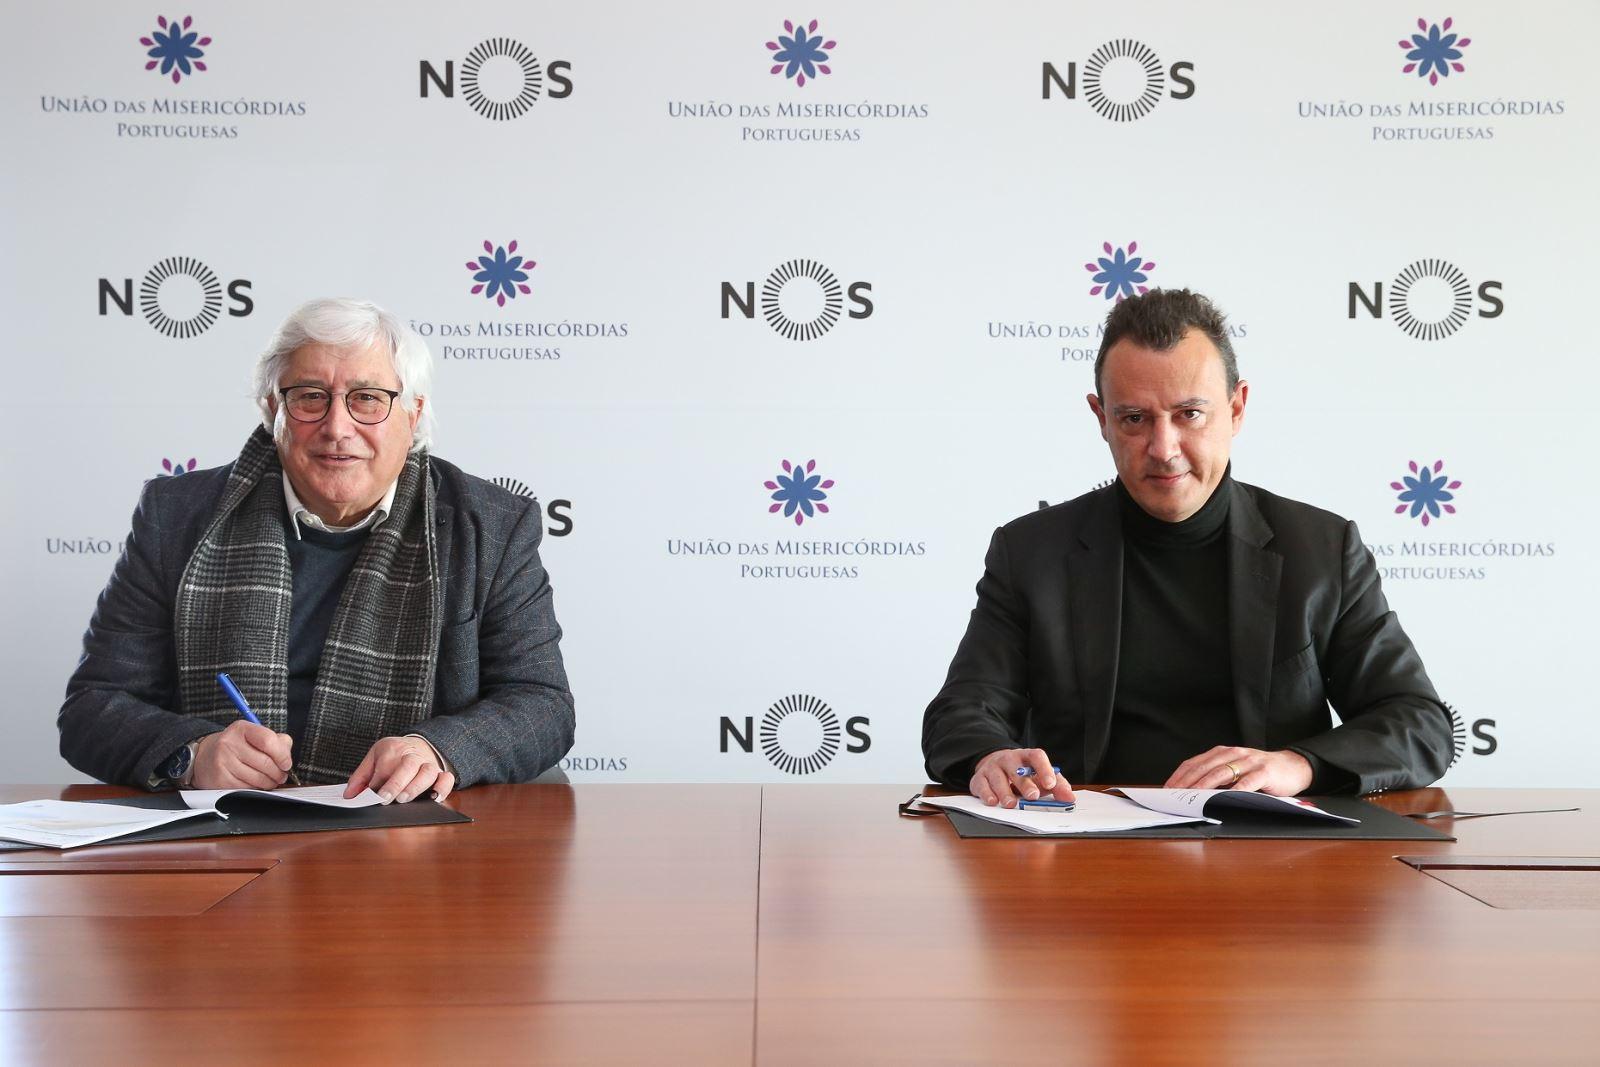 UMP | Acordo com a NOS para mais inovação tecnológica